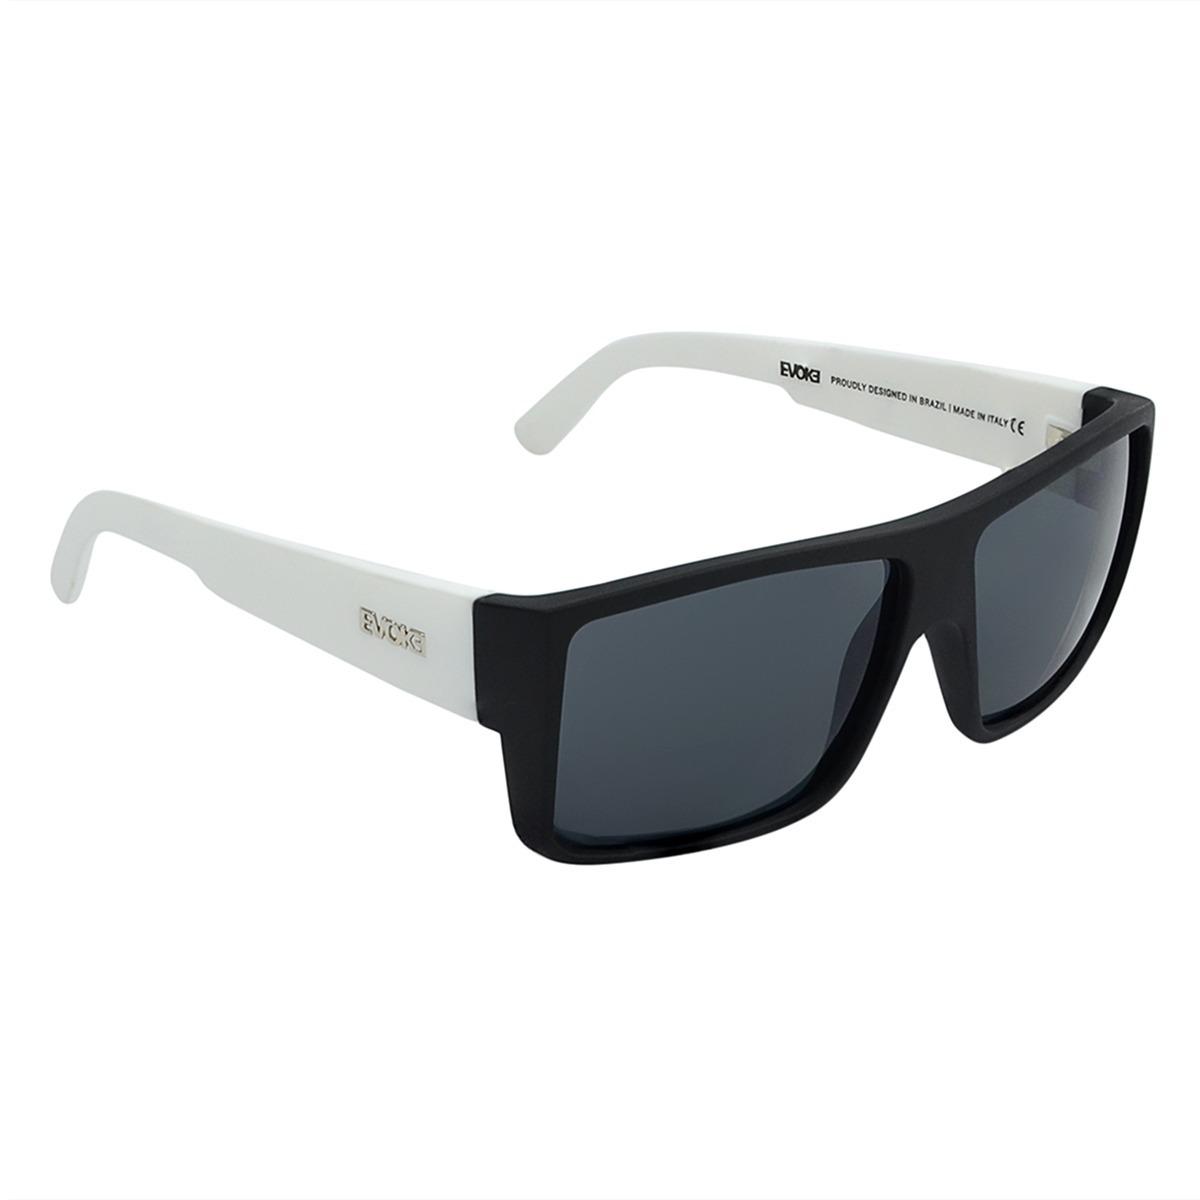 Óculos Evoke The Code A10 Aste Branca - R  456,00 em Mercado Livre 8090b810a2